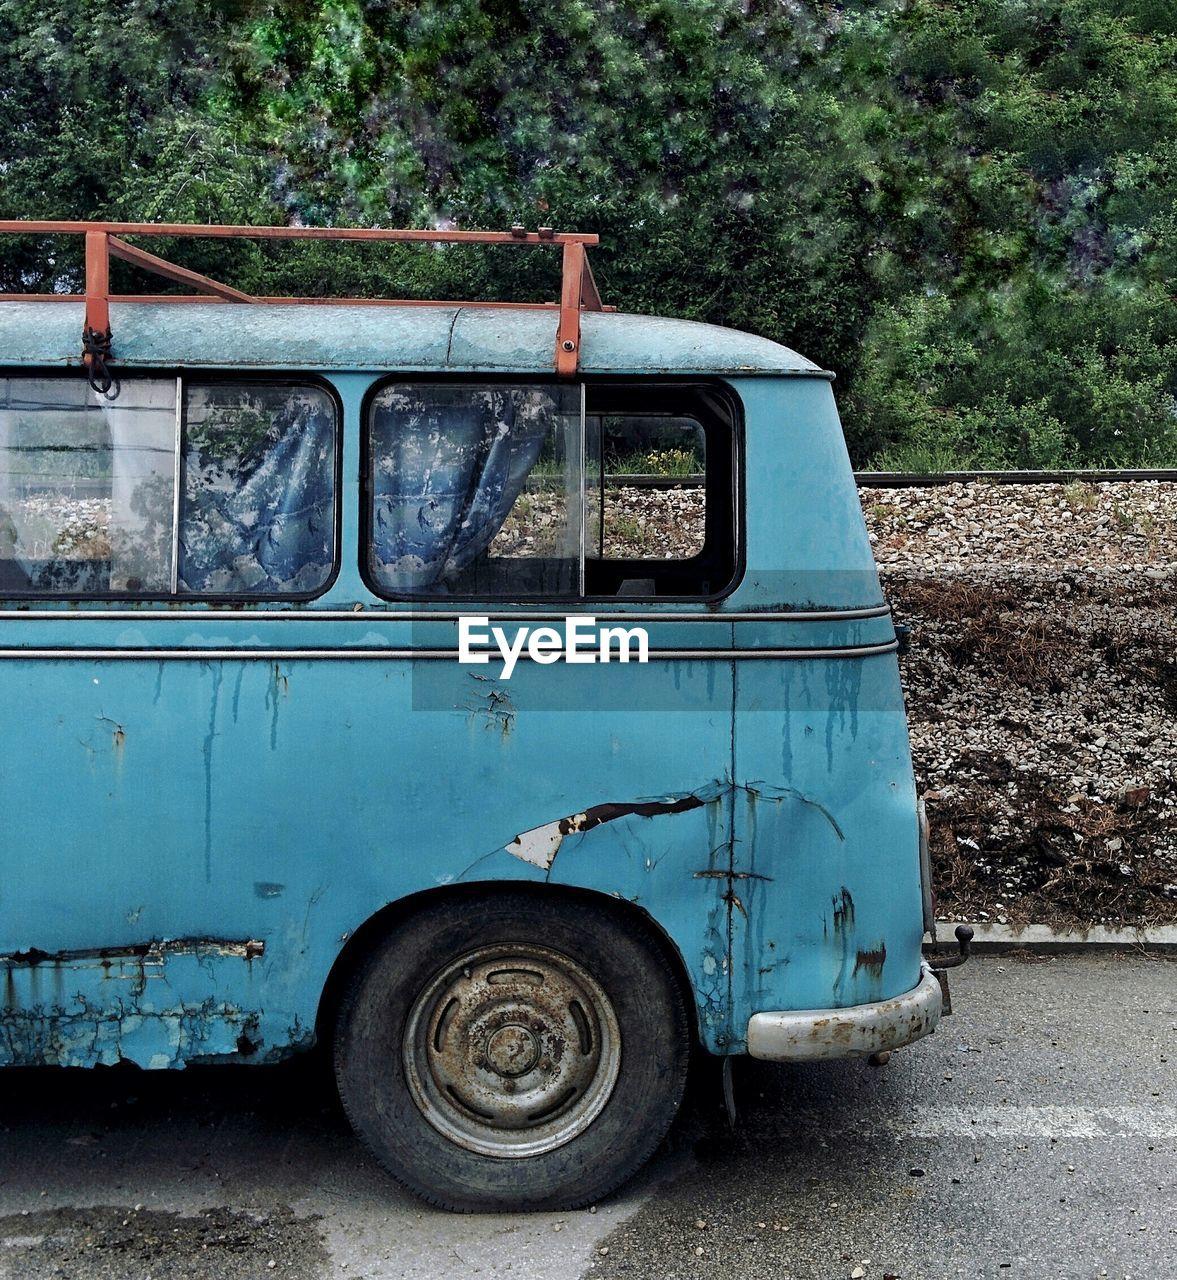 Abandoned Vintage Car On Road